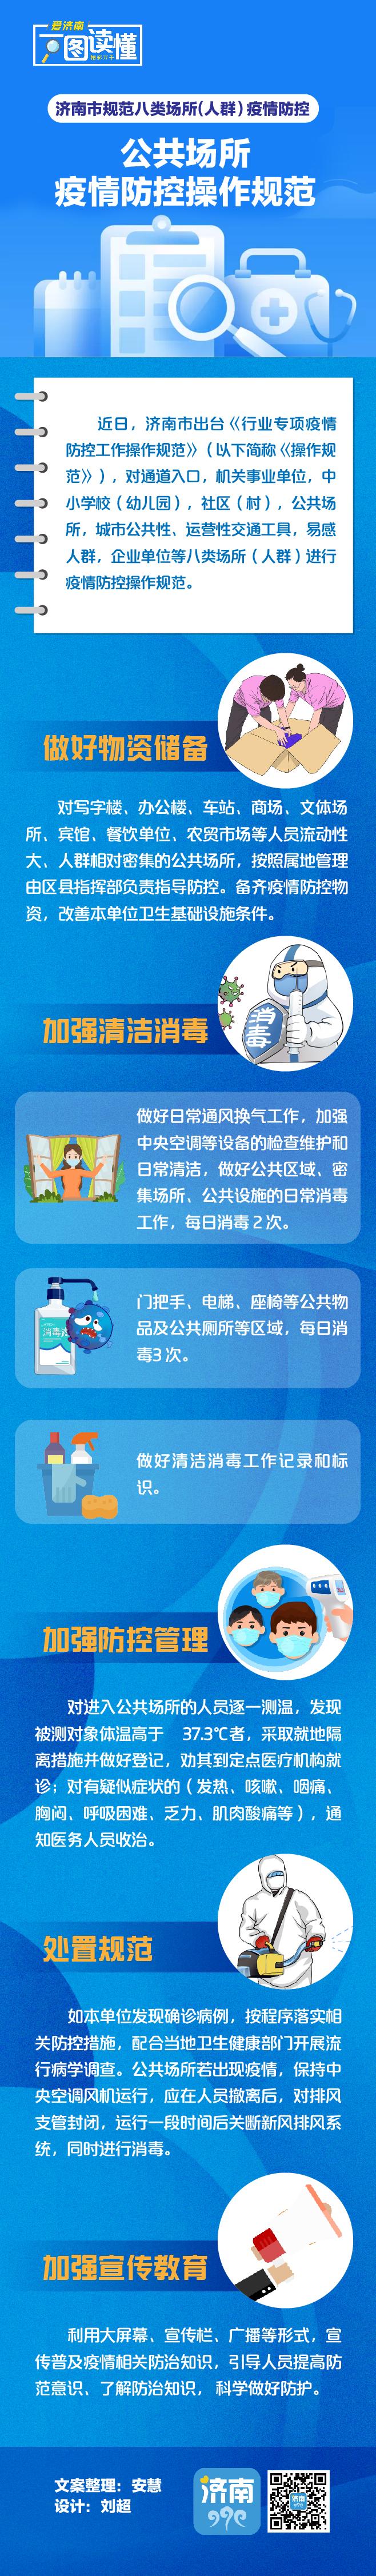 济南市规范八类场所(人群)疫情防控操作规范丨公共场所篇